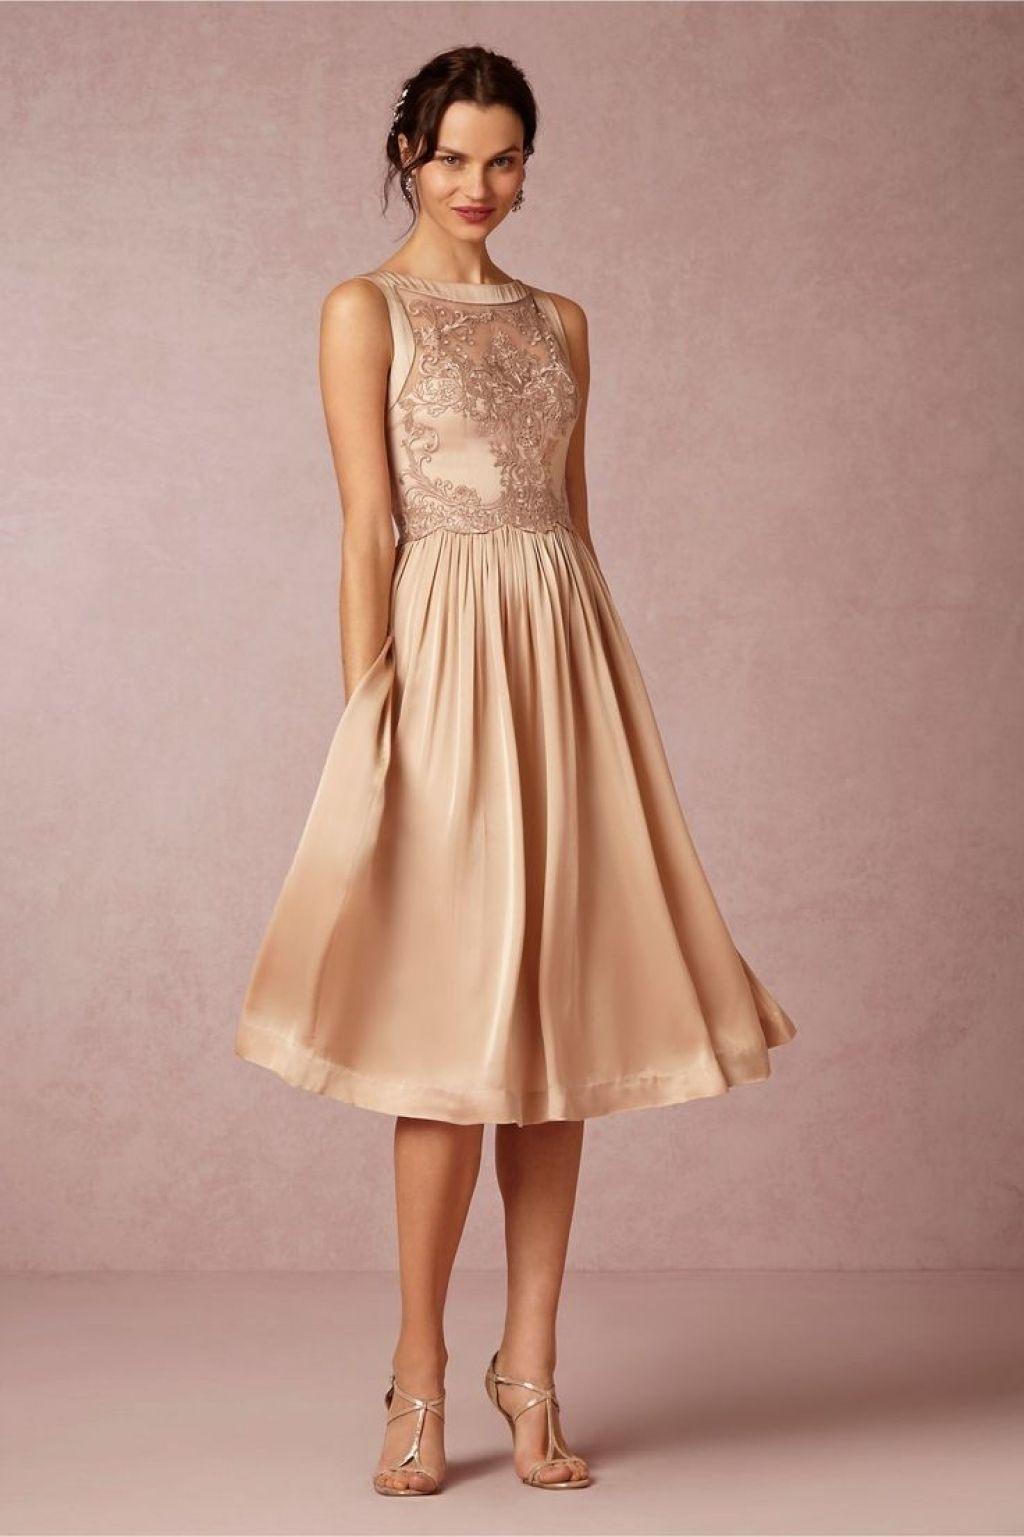 Coolste Kleider Für Hochzeit Günstig GalerieFormal Coolste Kleider Für Hochzeit Günstig Vertrieb